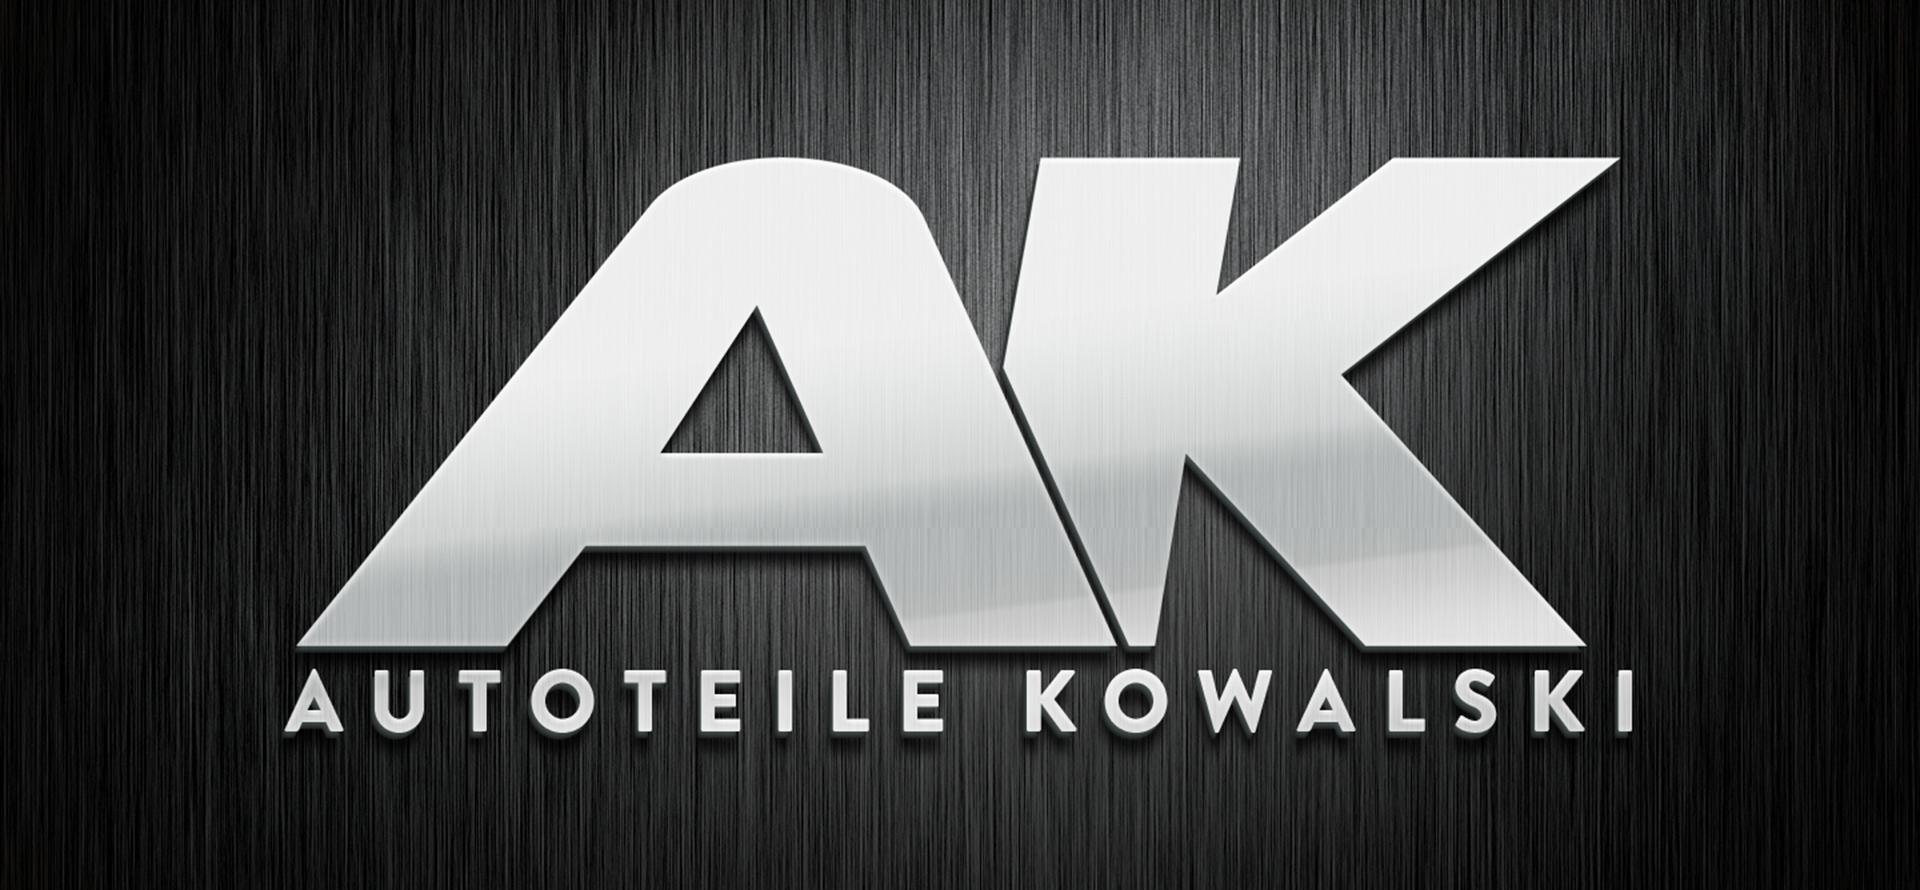 Autoteile - Autoteile Kowalski